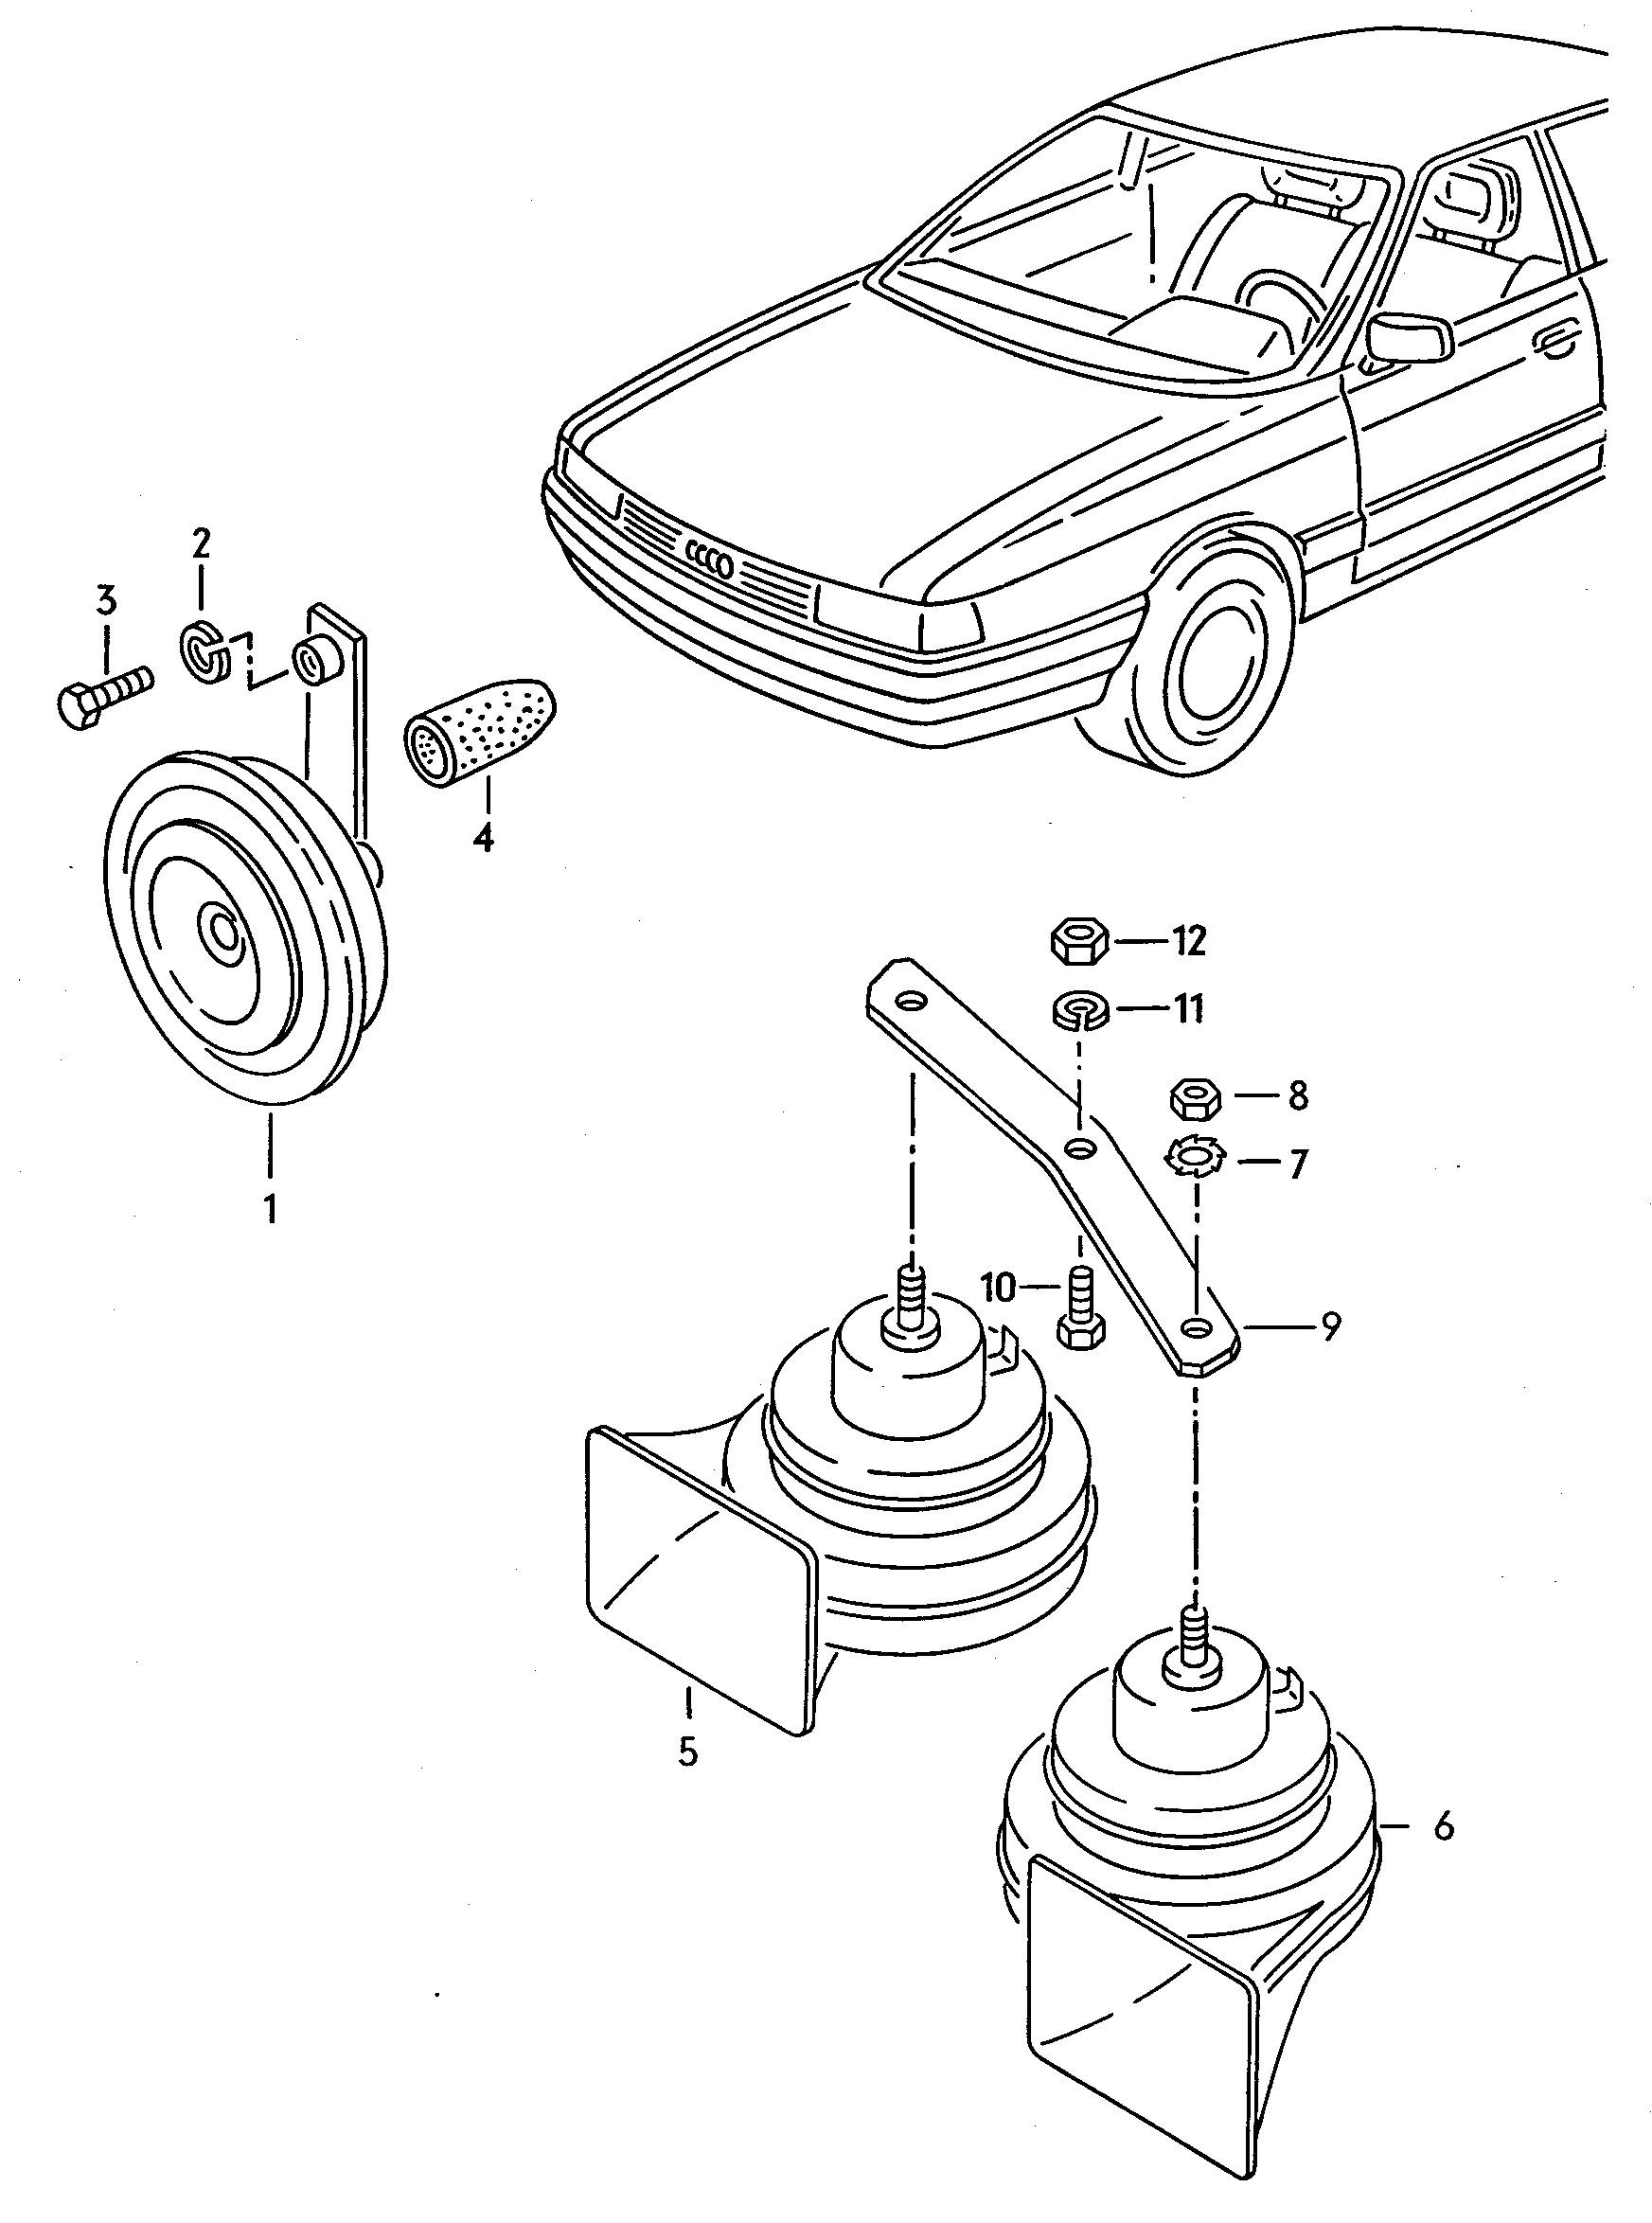 Diagram Of All Car Parts Audi Audi 80 90 Avant Europe 1992 8a N 000 001 8a N Of Diagram Of All Car Parts